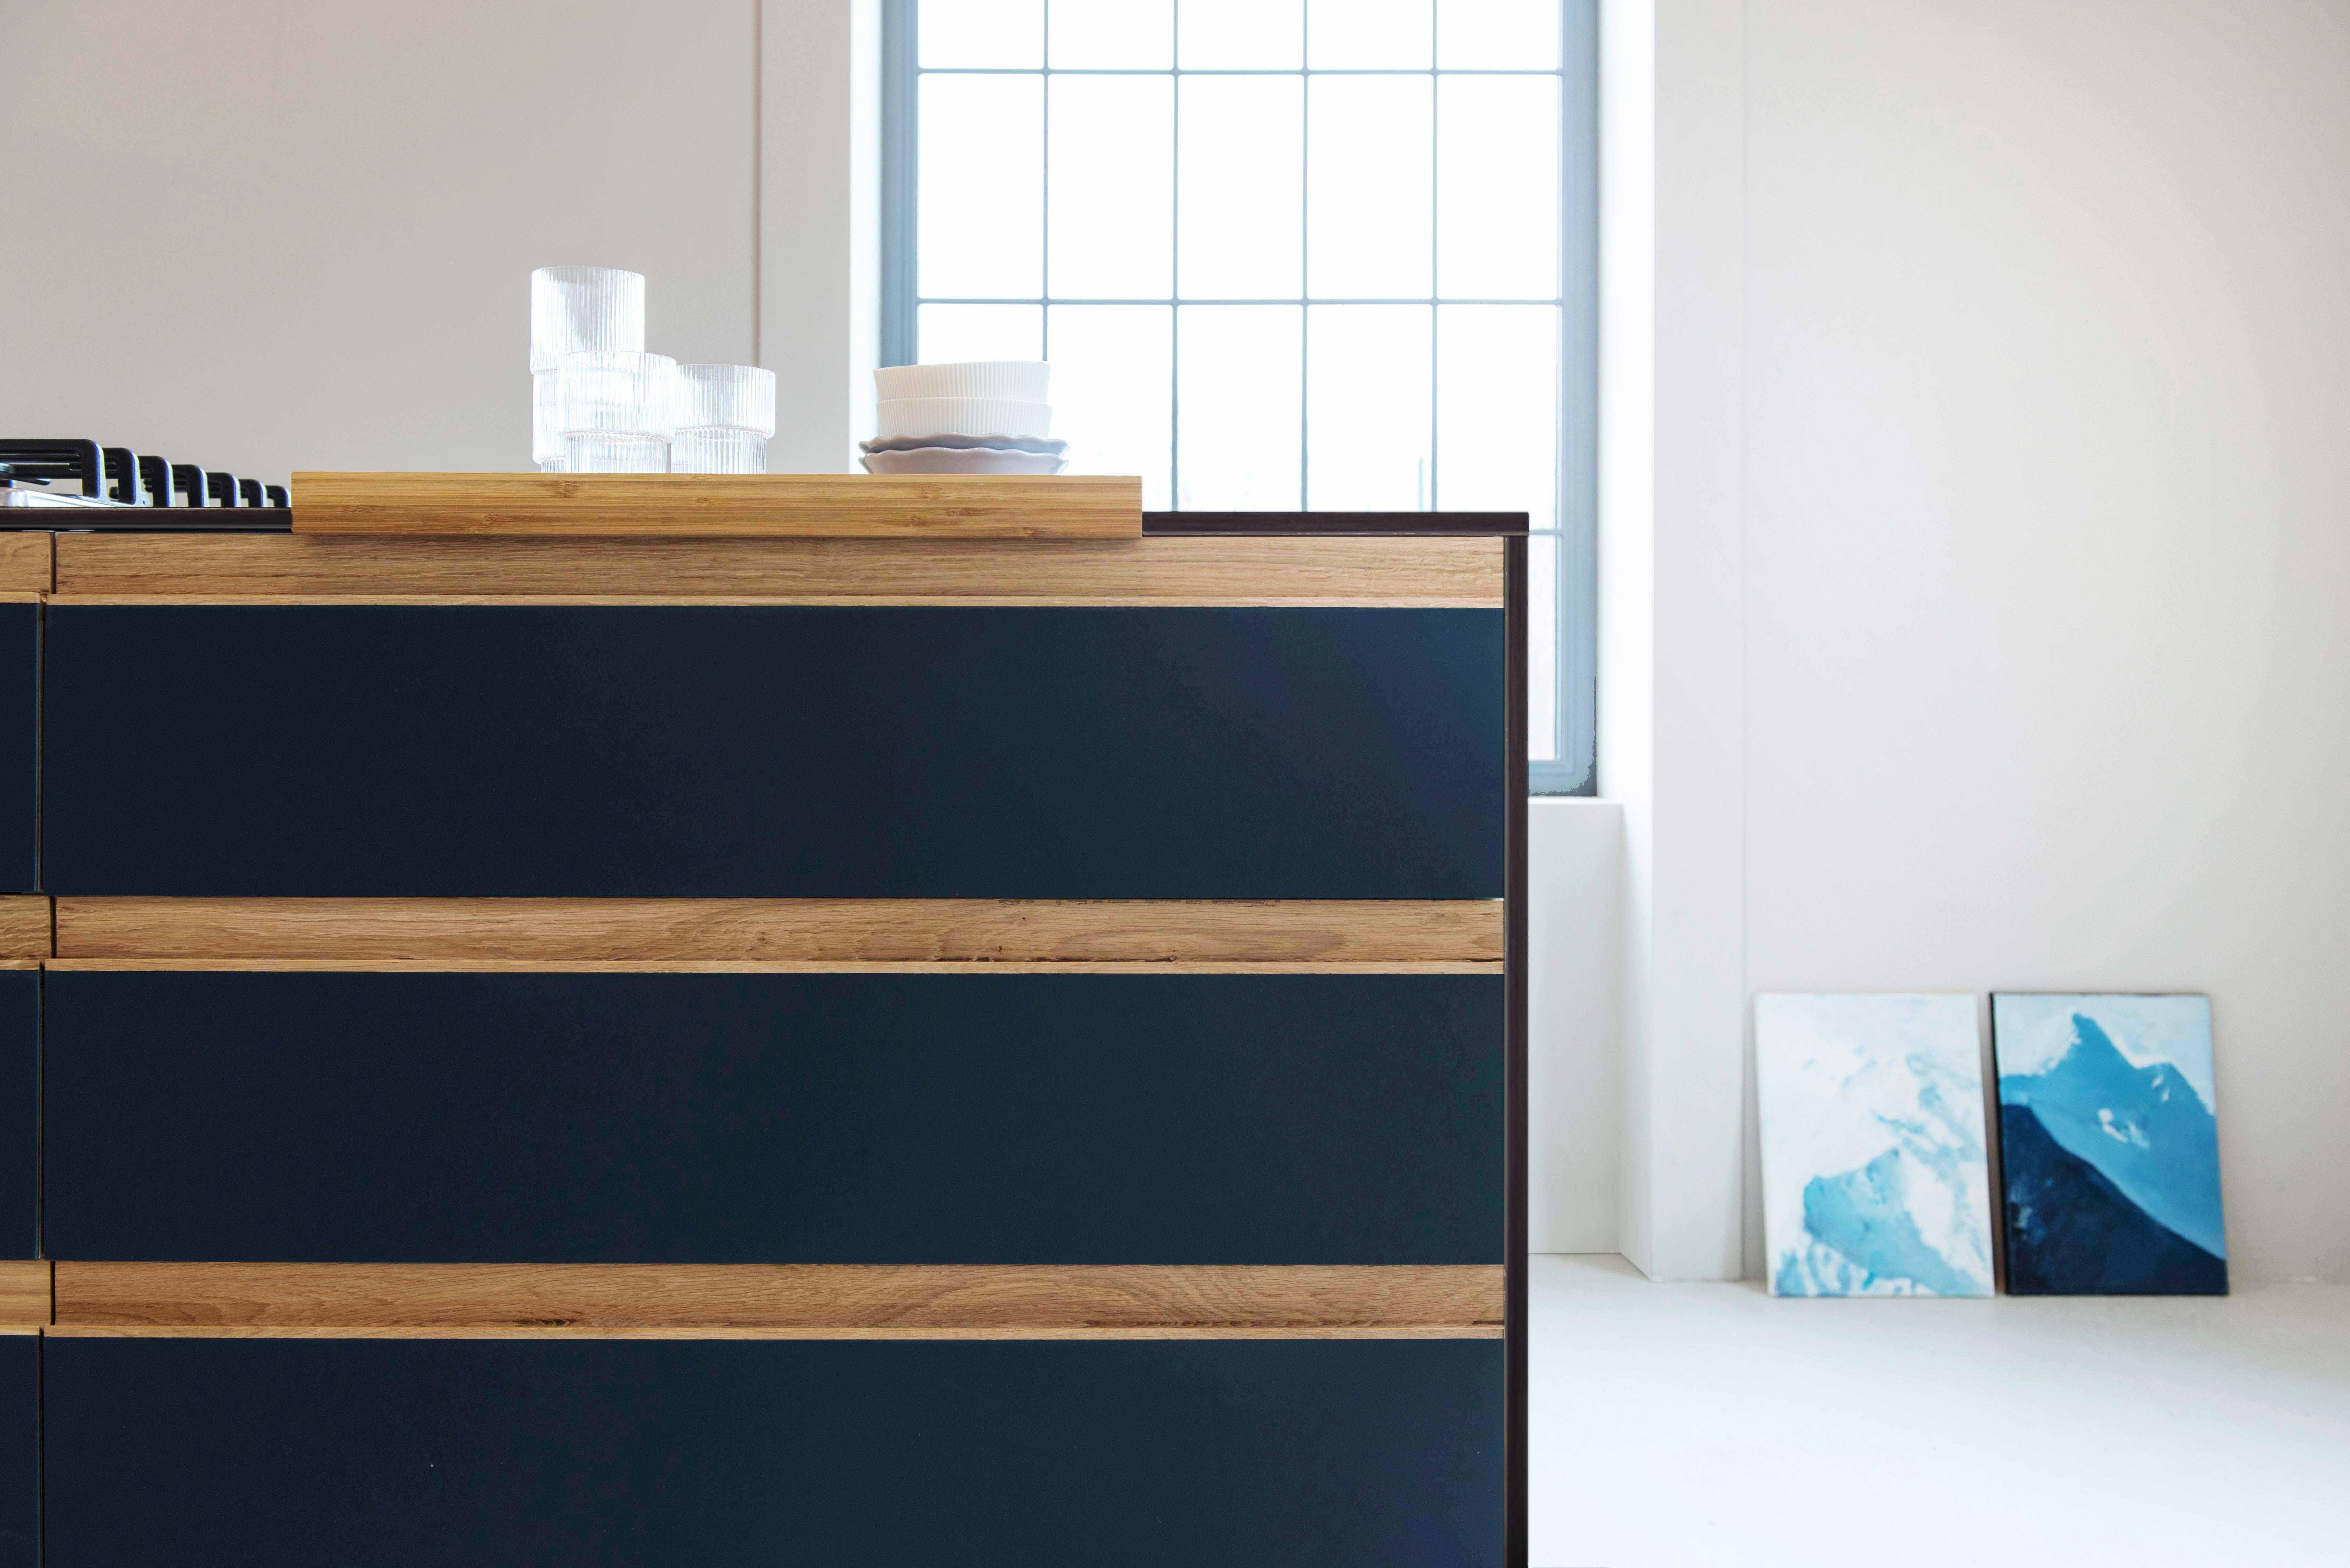 Blue St Linoleum Neuvermoebelt Ikea Hacking Upgrade Und Redesign Von Ikea Mobeln